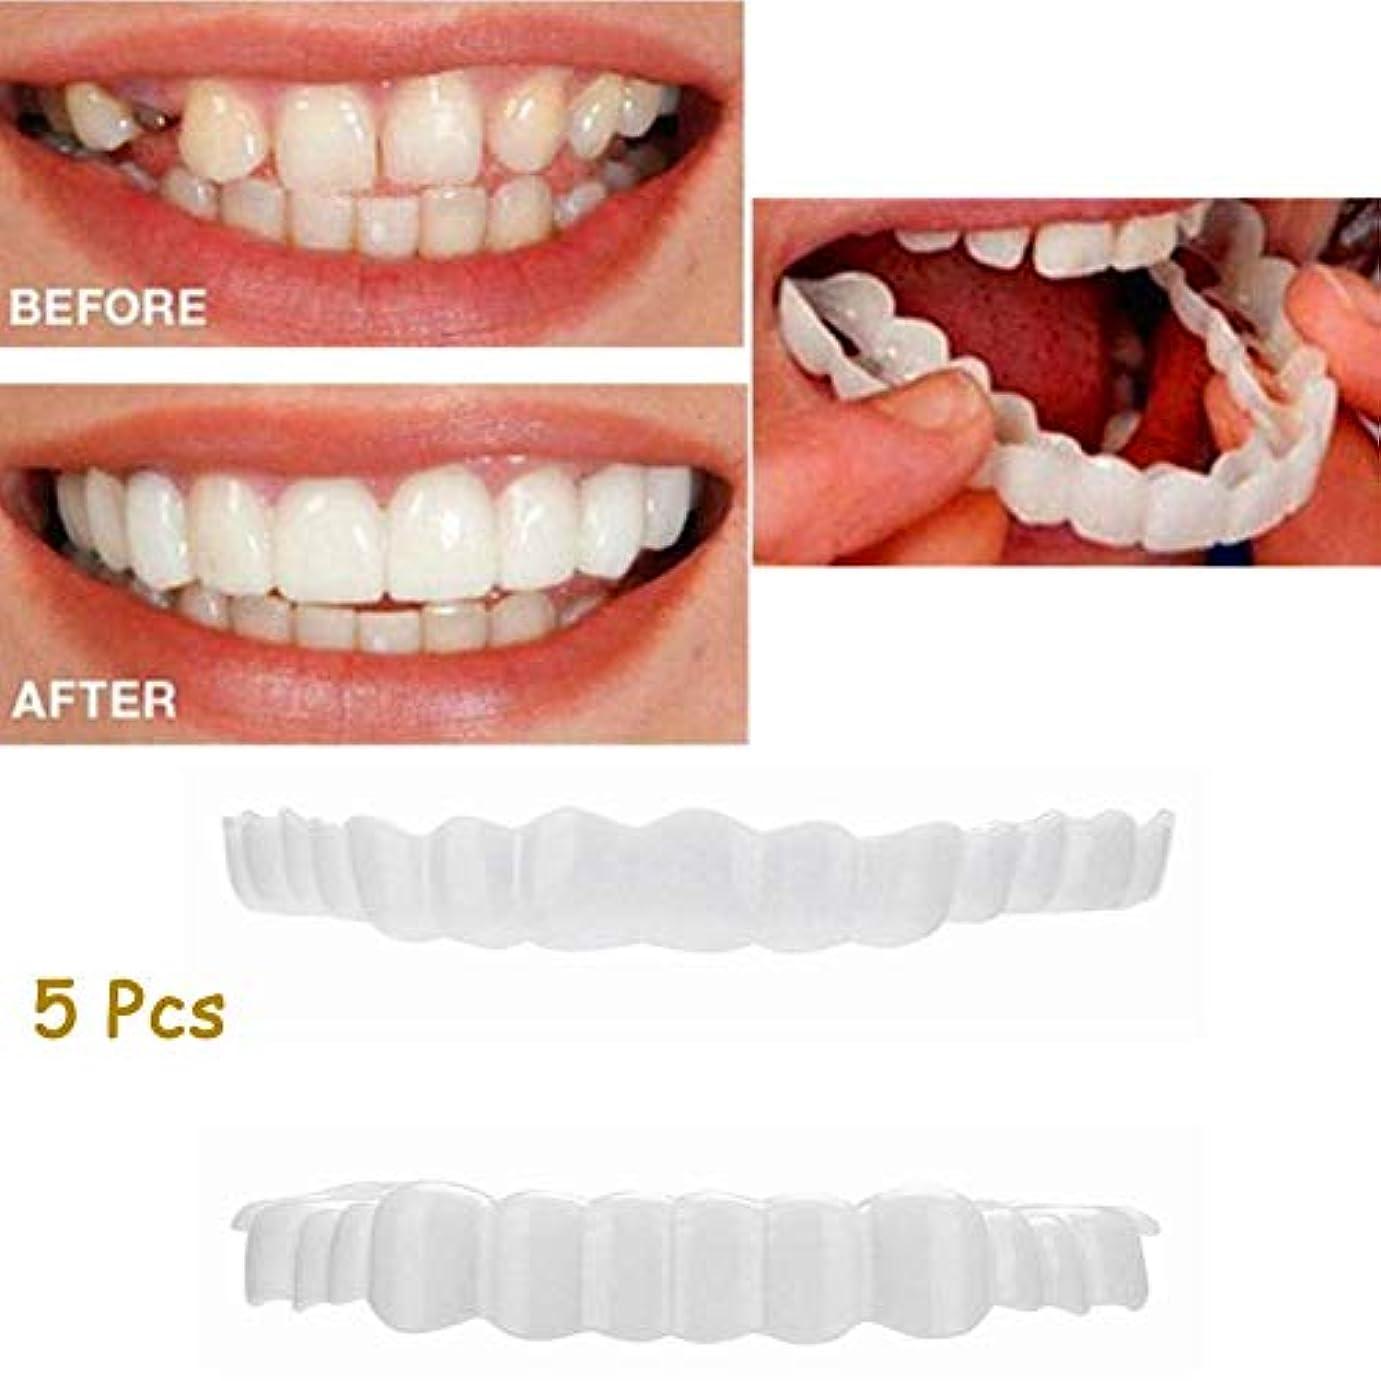 延ばす侵入するバレル5ピース上歯+下歯セットインスタントパーフェクトコンフォートフィットフレックス化粧品歯入れ歯歯ホワイトニングスマイルフェイク歯